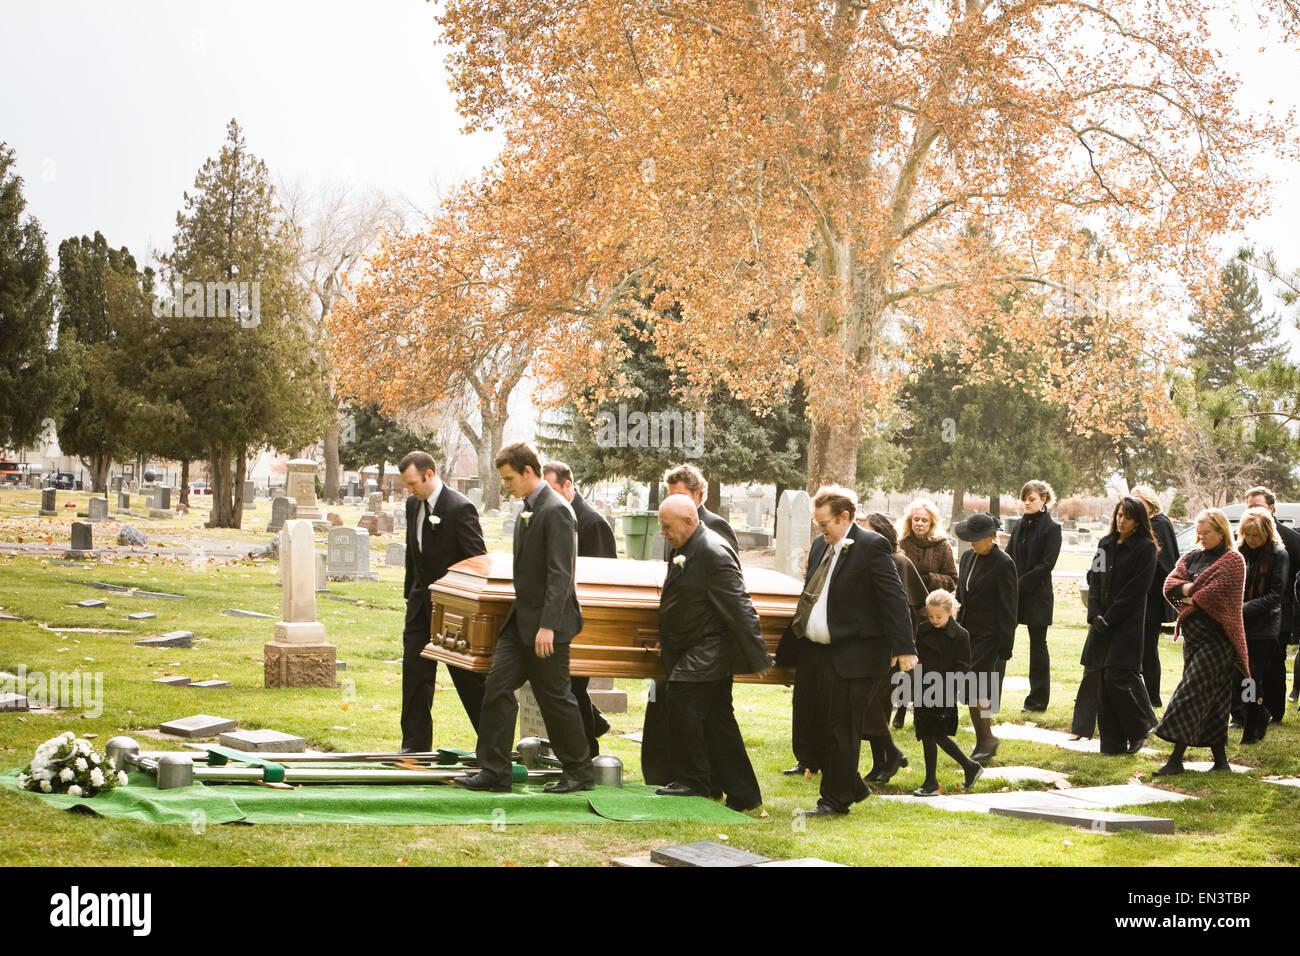 Indovina  da un'immagine il Film - Pagina 18 Le-persone-a-un-funerale-in-un-cimitero-en3tbp